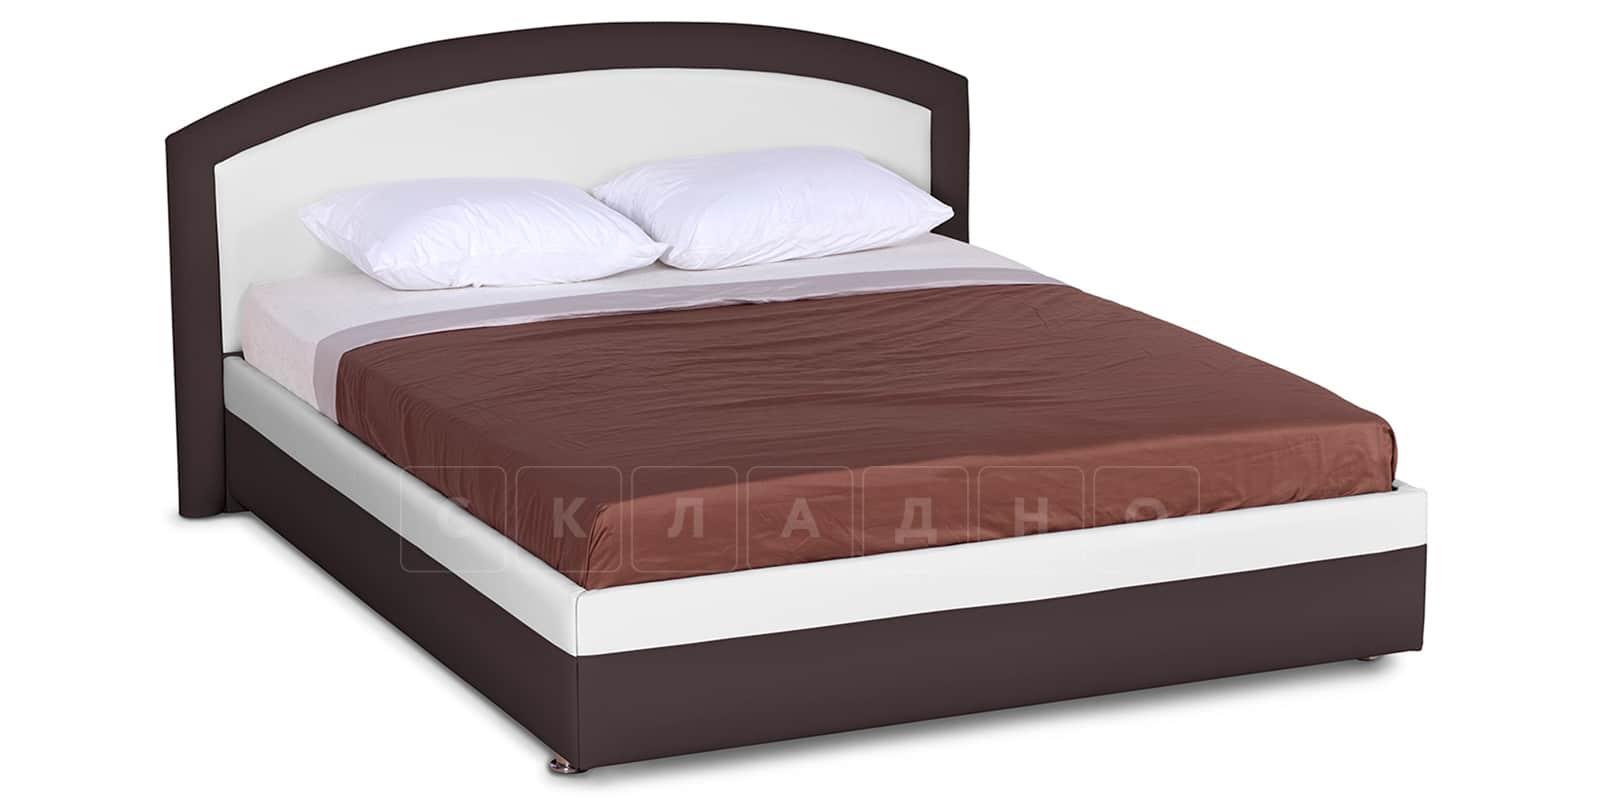 Мягкая кровать Малибу 160см экокожа белый-шоколад вариант 8-2 фото 1   интернет-магазин Складно